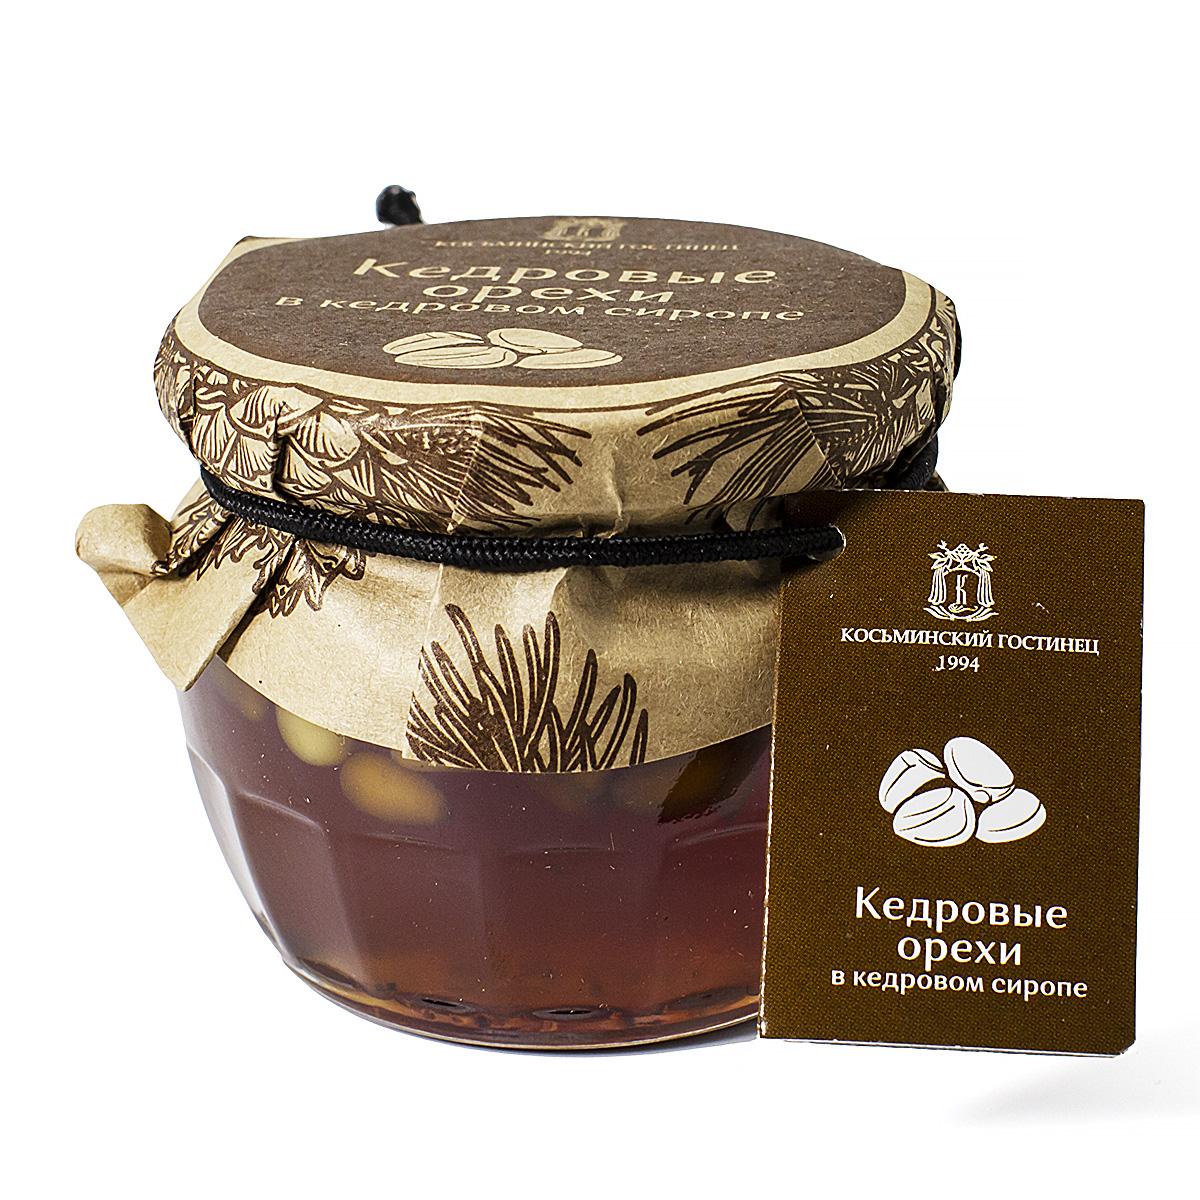 Купить со скидкой Кедровые орехи в кедровом сиропе, 160 г